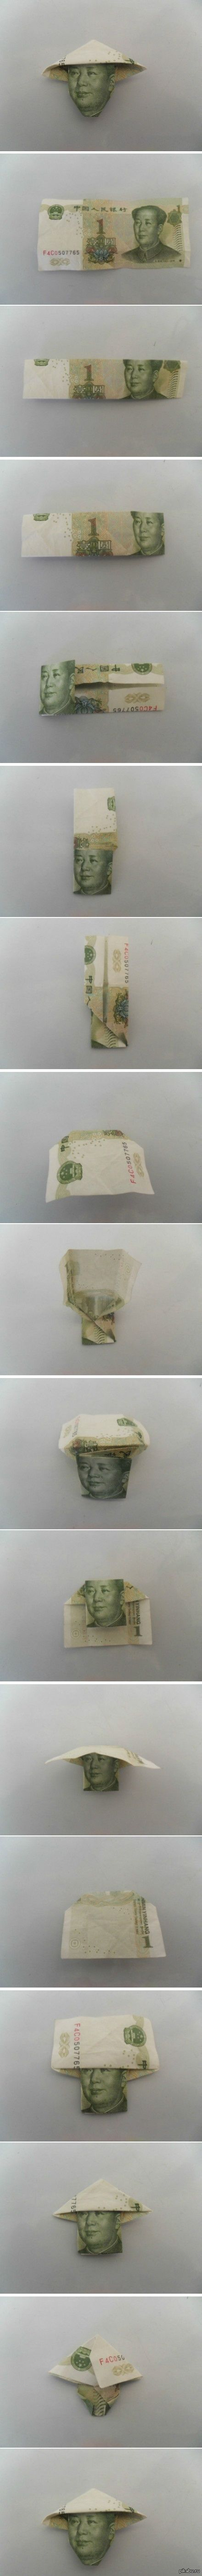 Вьетнамская шапочка Делаем вьетнамскую шапочку товарищу Мао. Для создания необходима одна китайская деньга :)  деньги, длиннопост